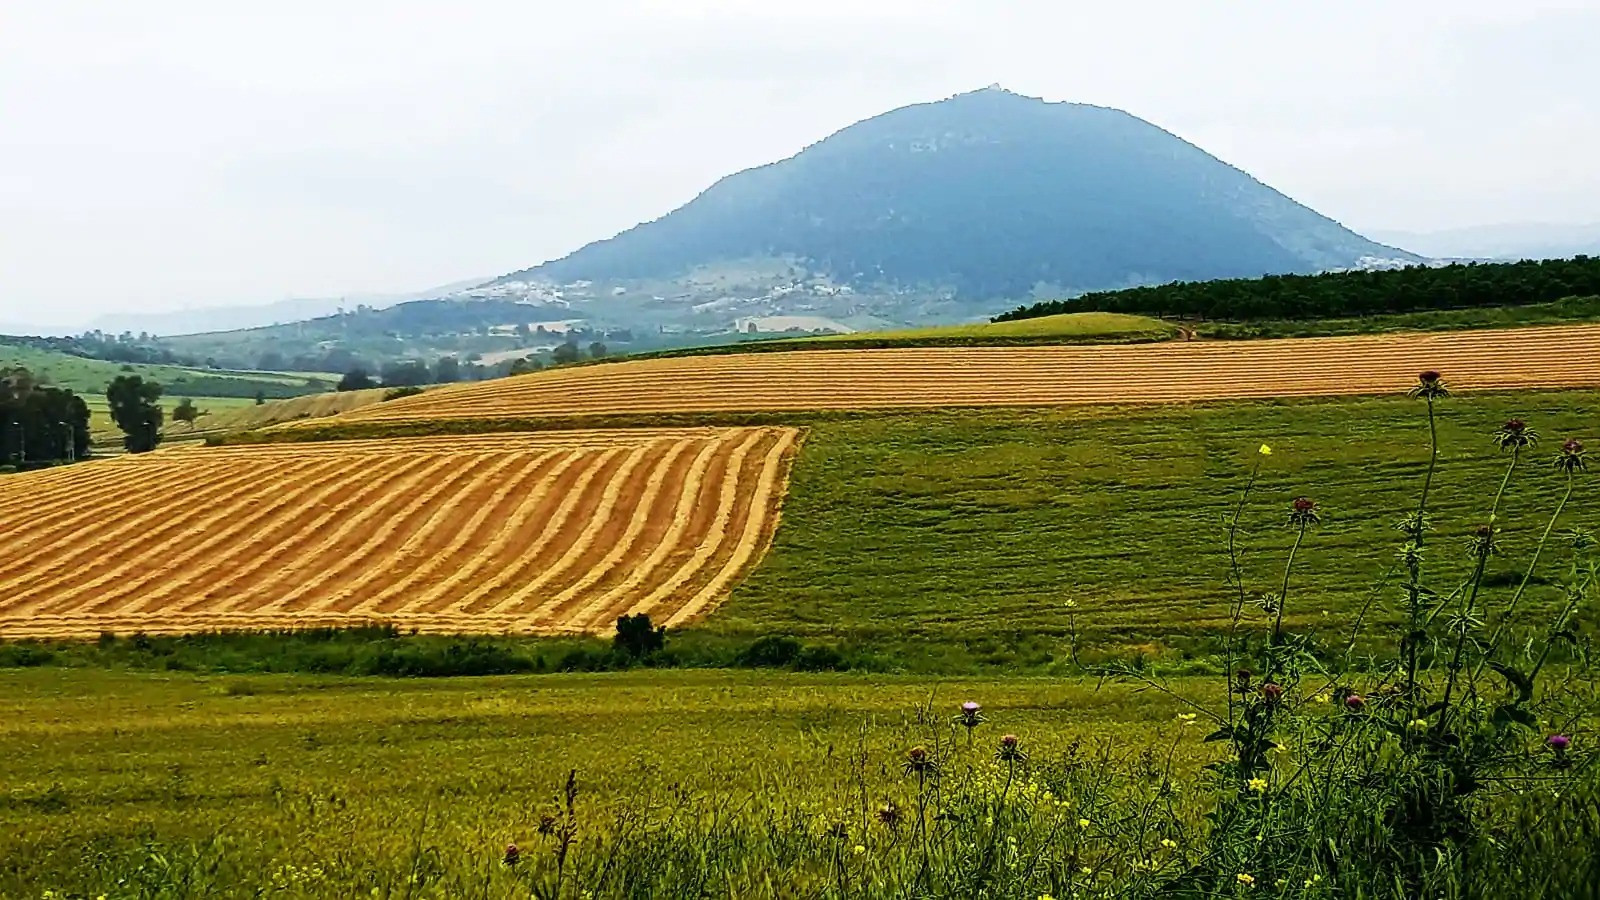 האזור הכפרי הנהדר שלנו. Our wonderful rural area.